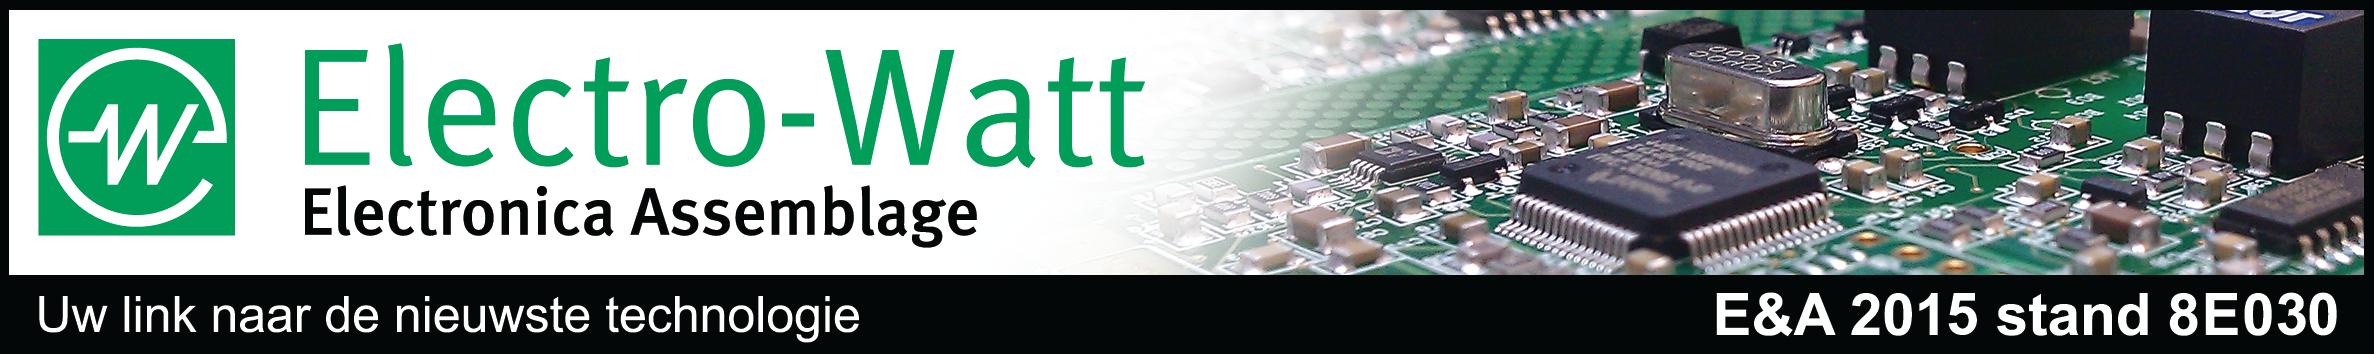 Naar de Electro-Watt website